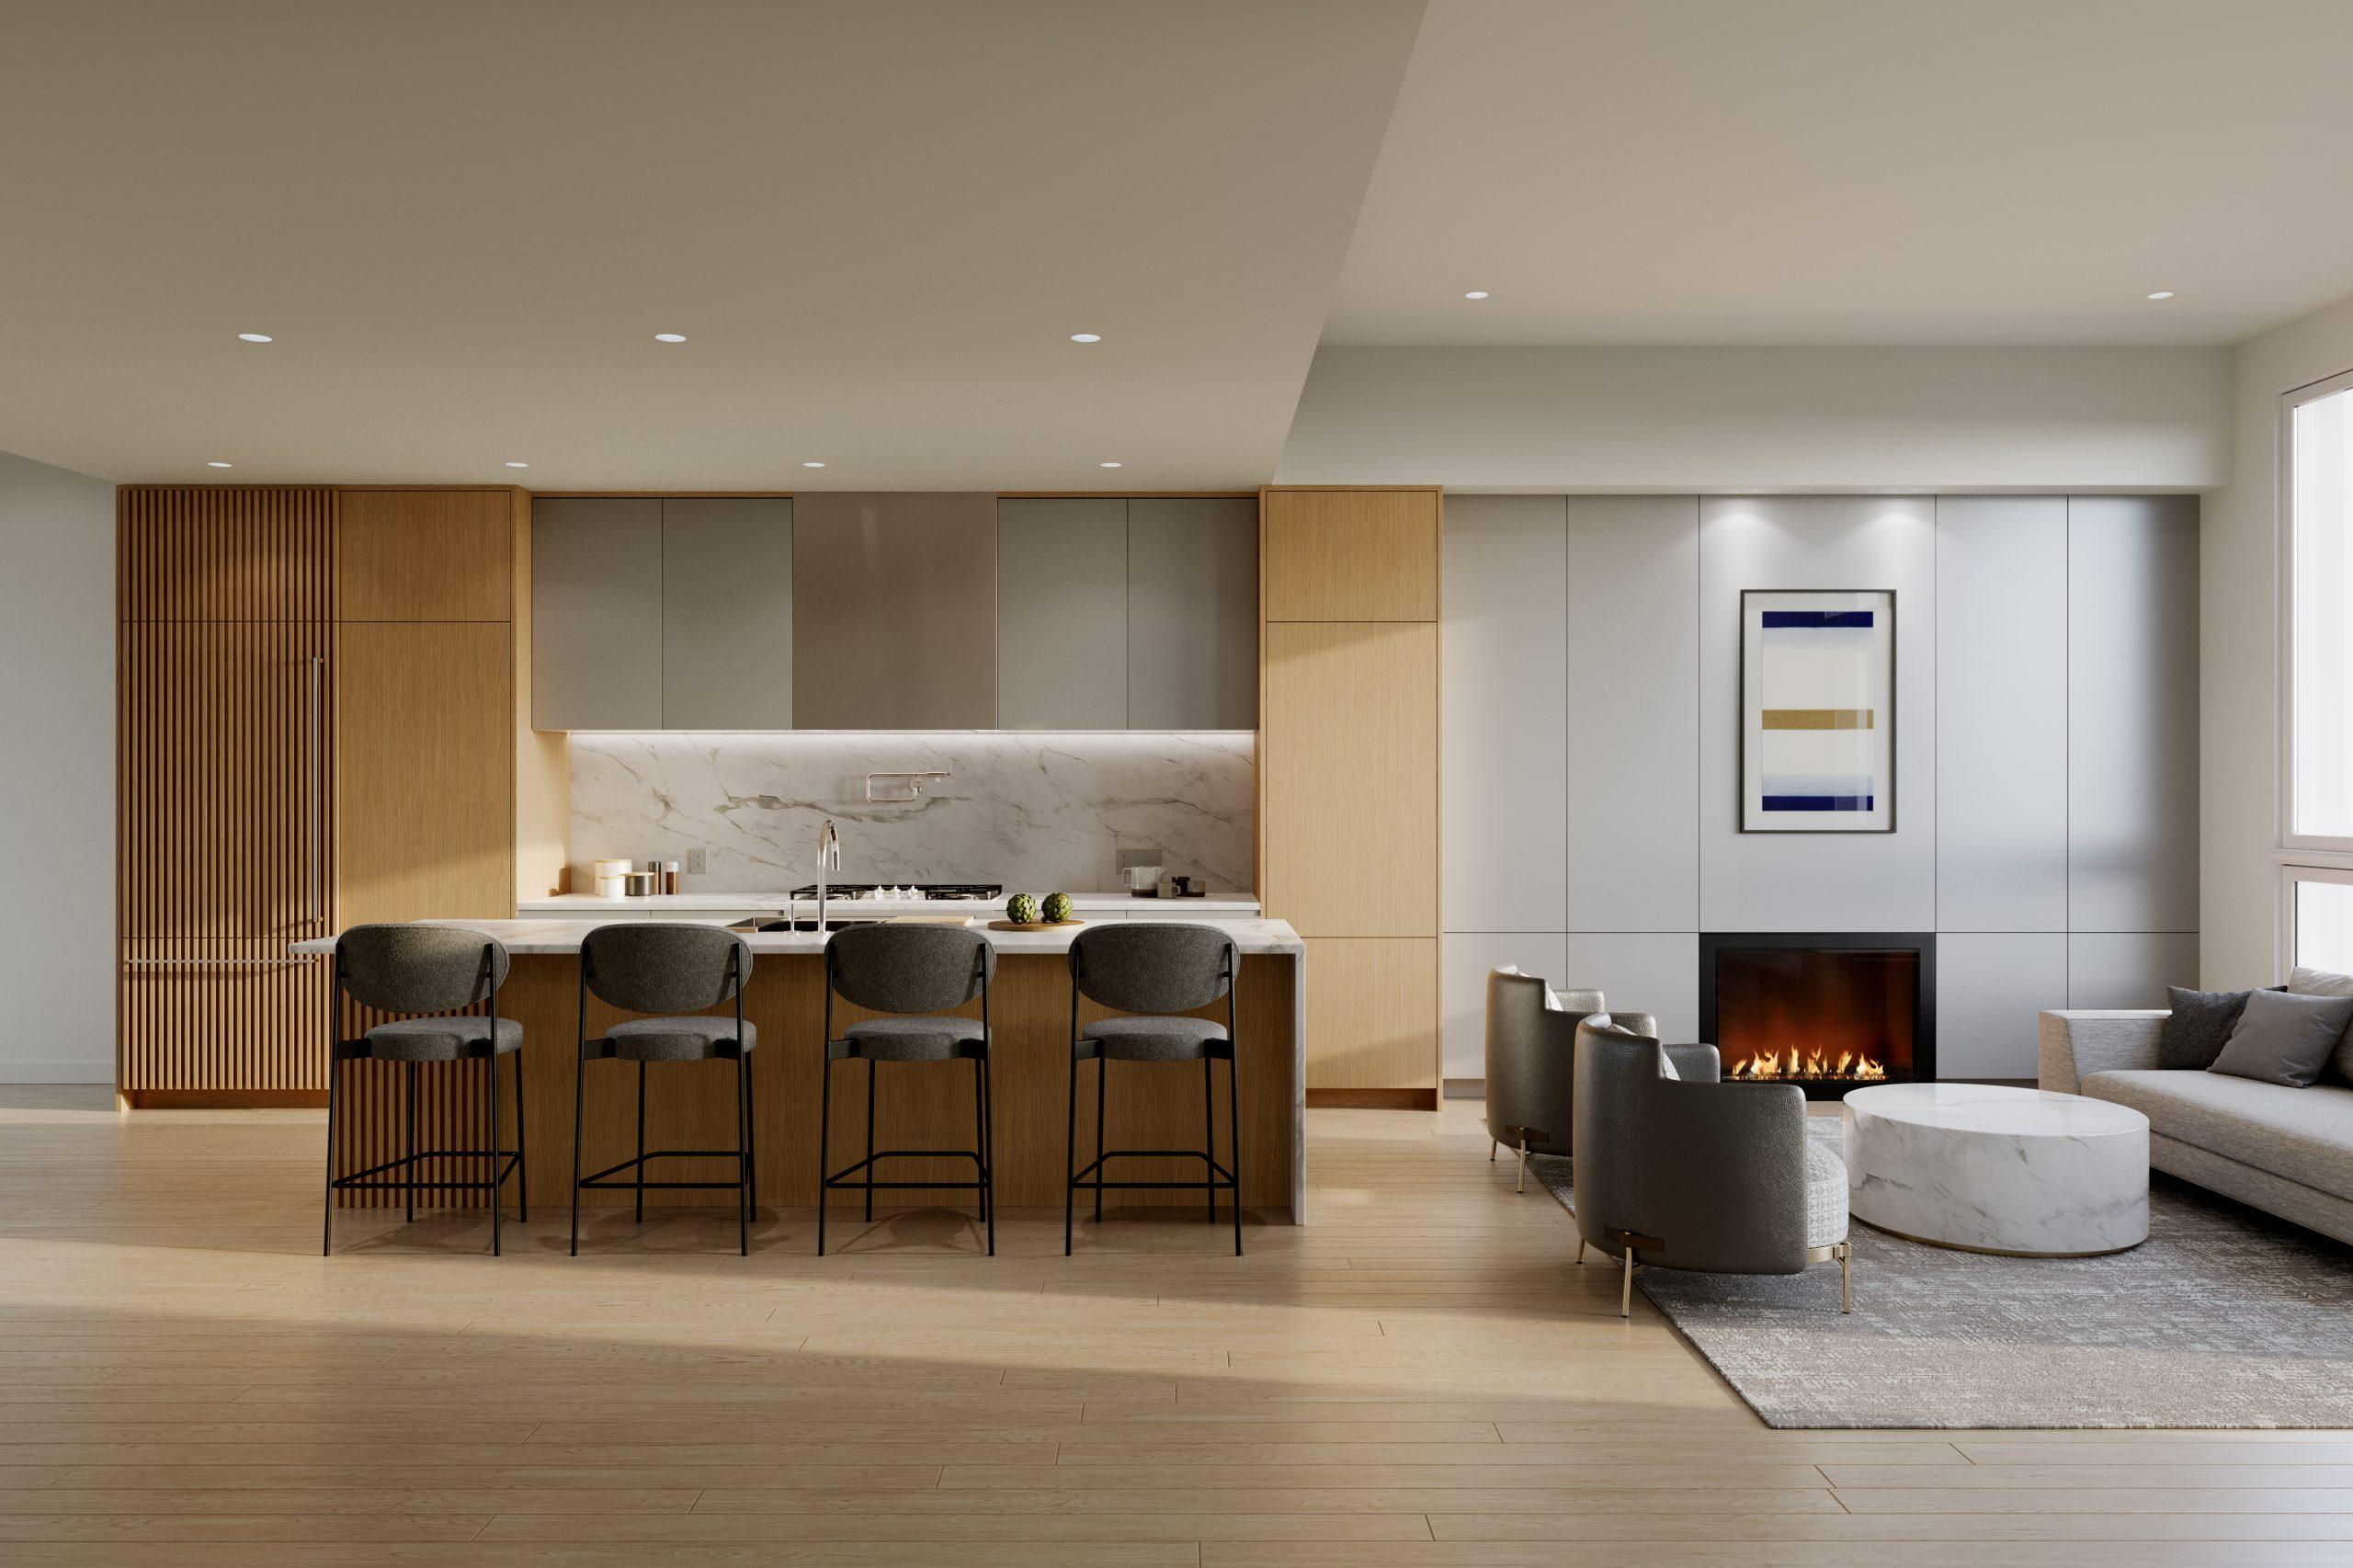 413 E 50th St Kitchen